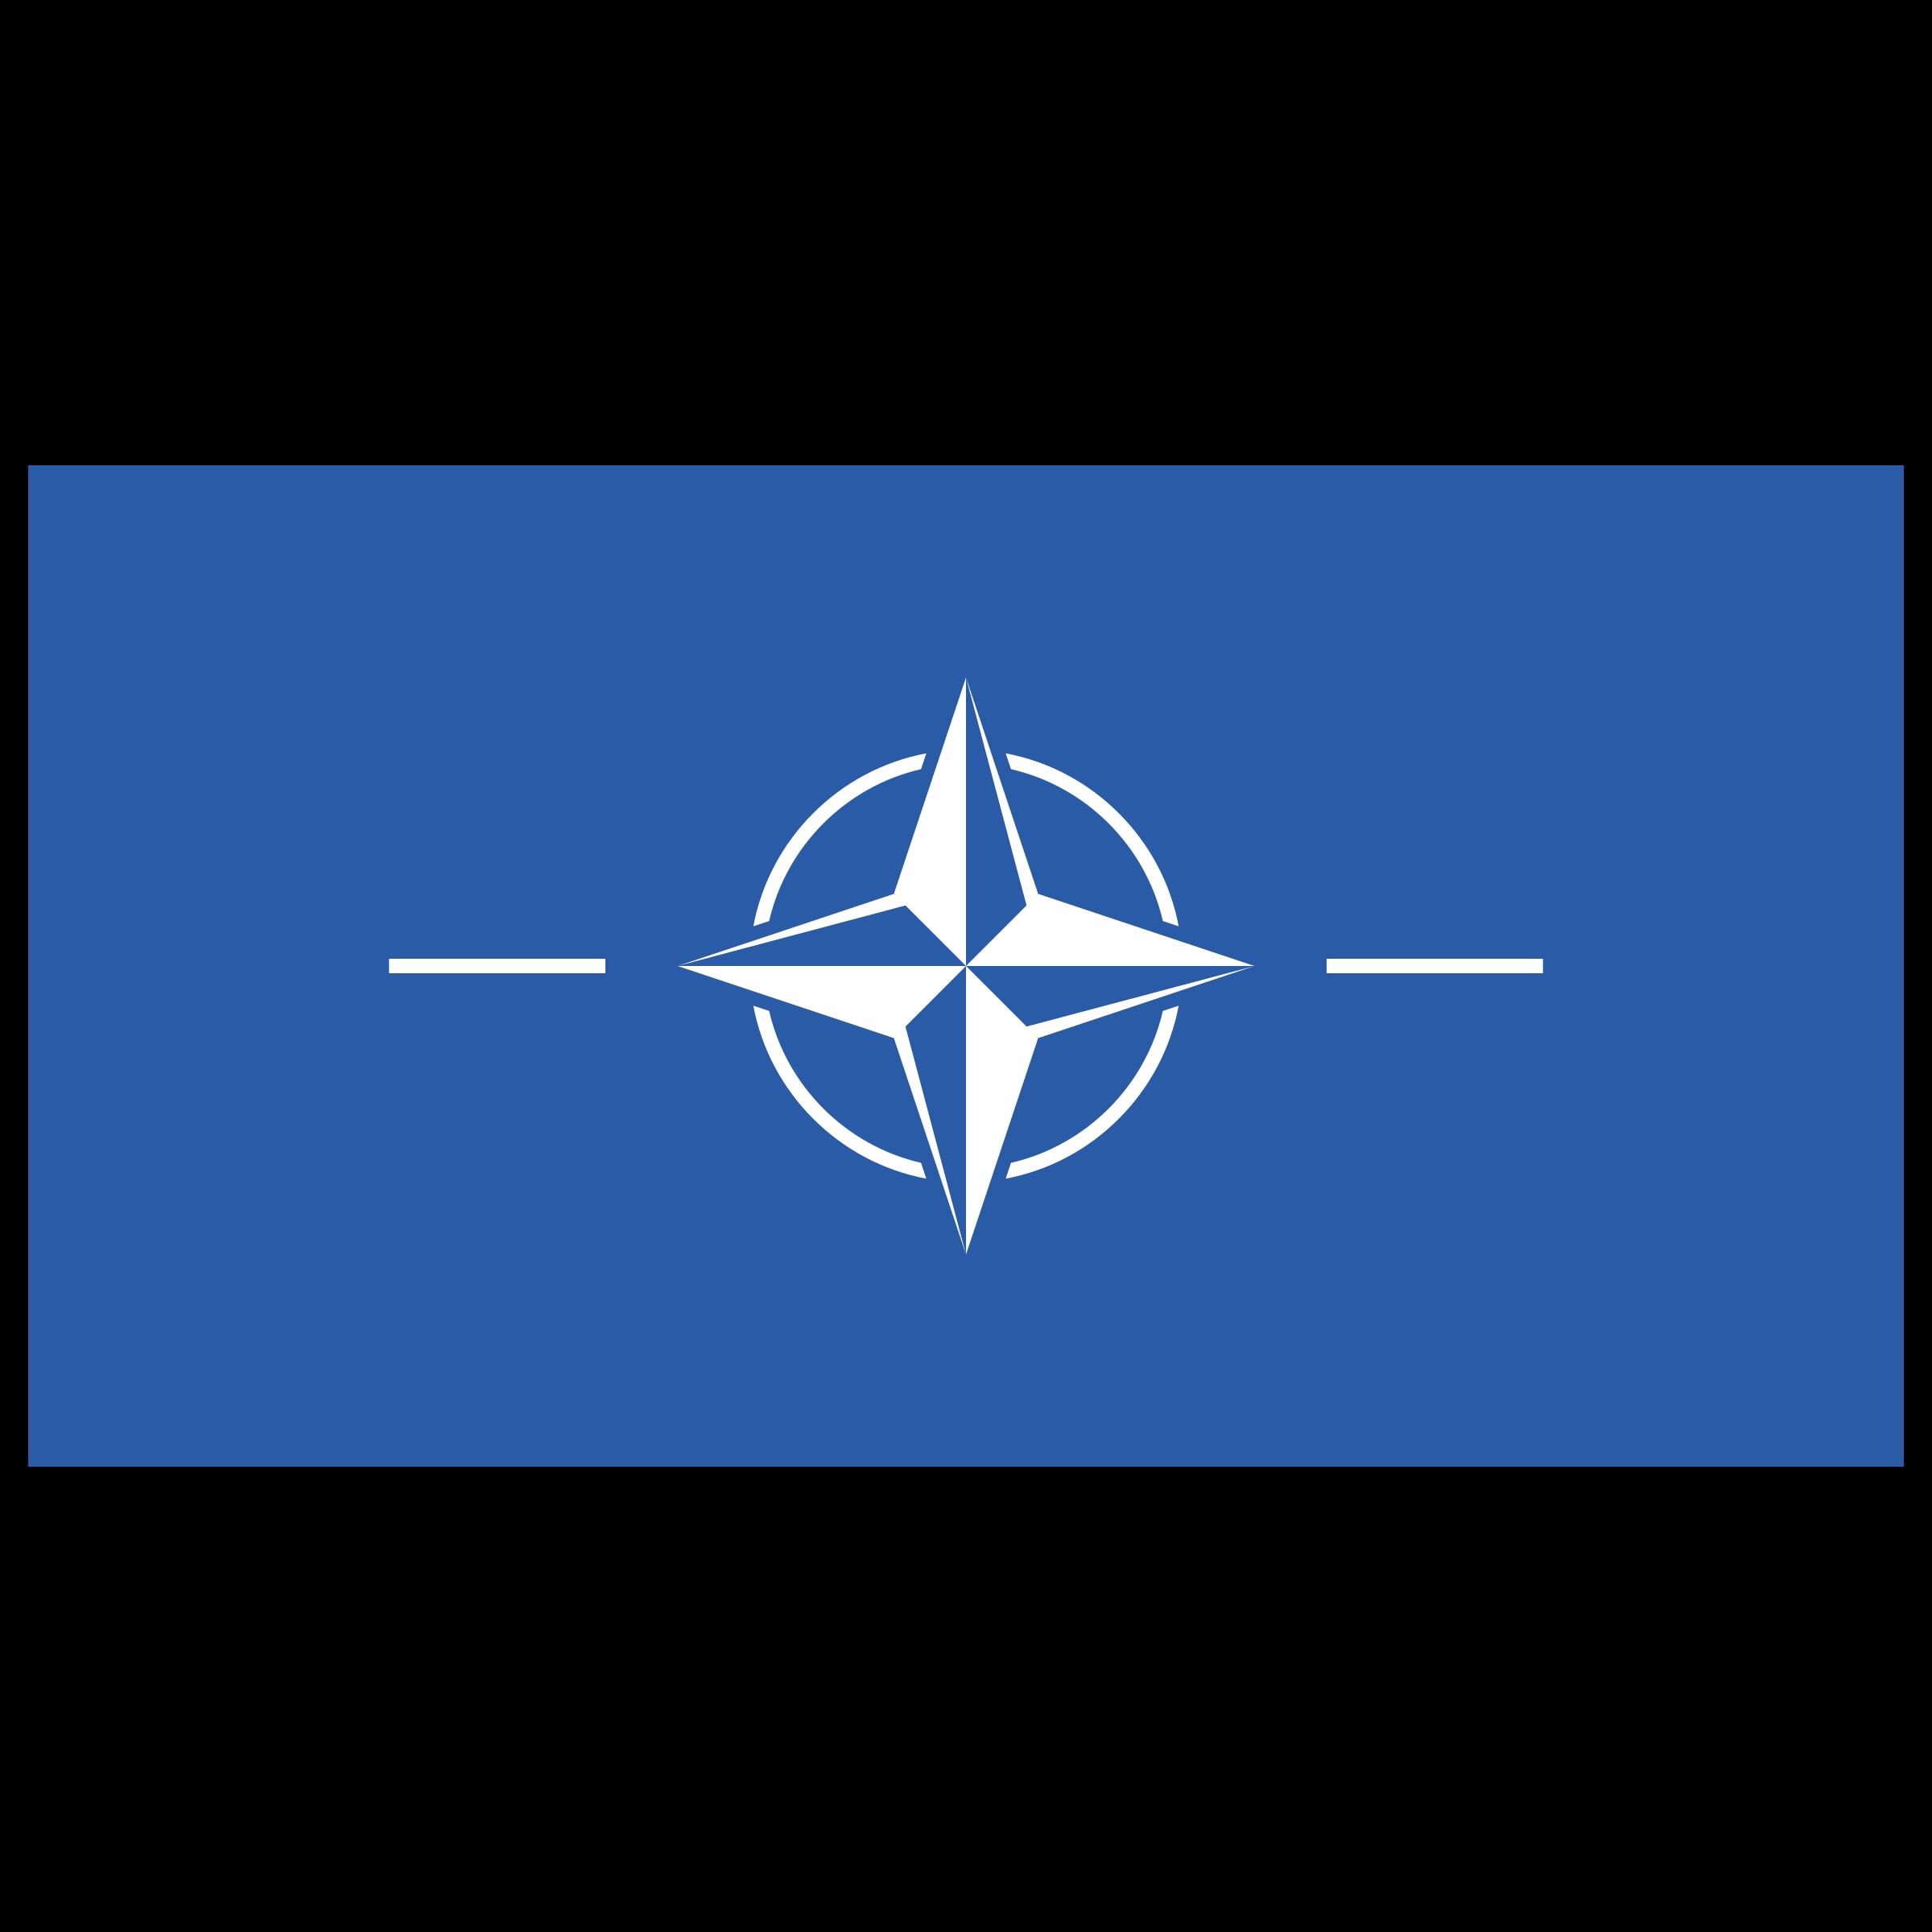 NATO Logo PNG Transparent & SVG Vector.